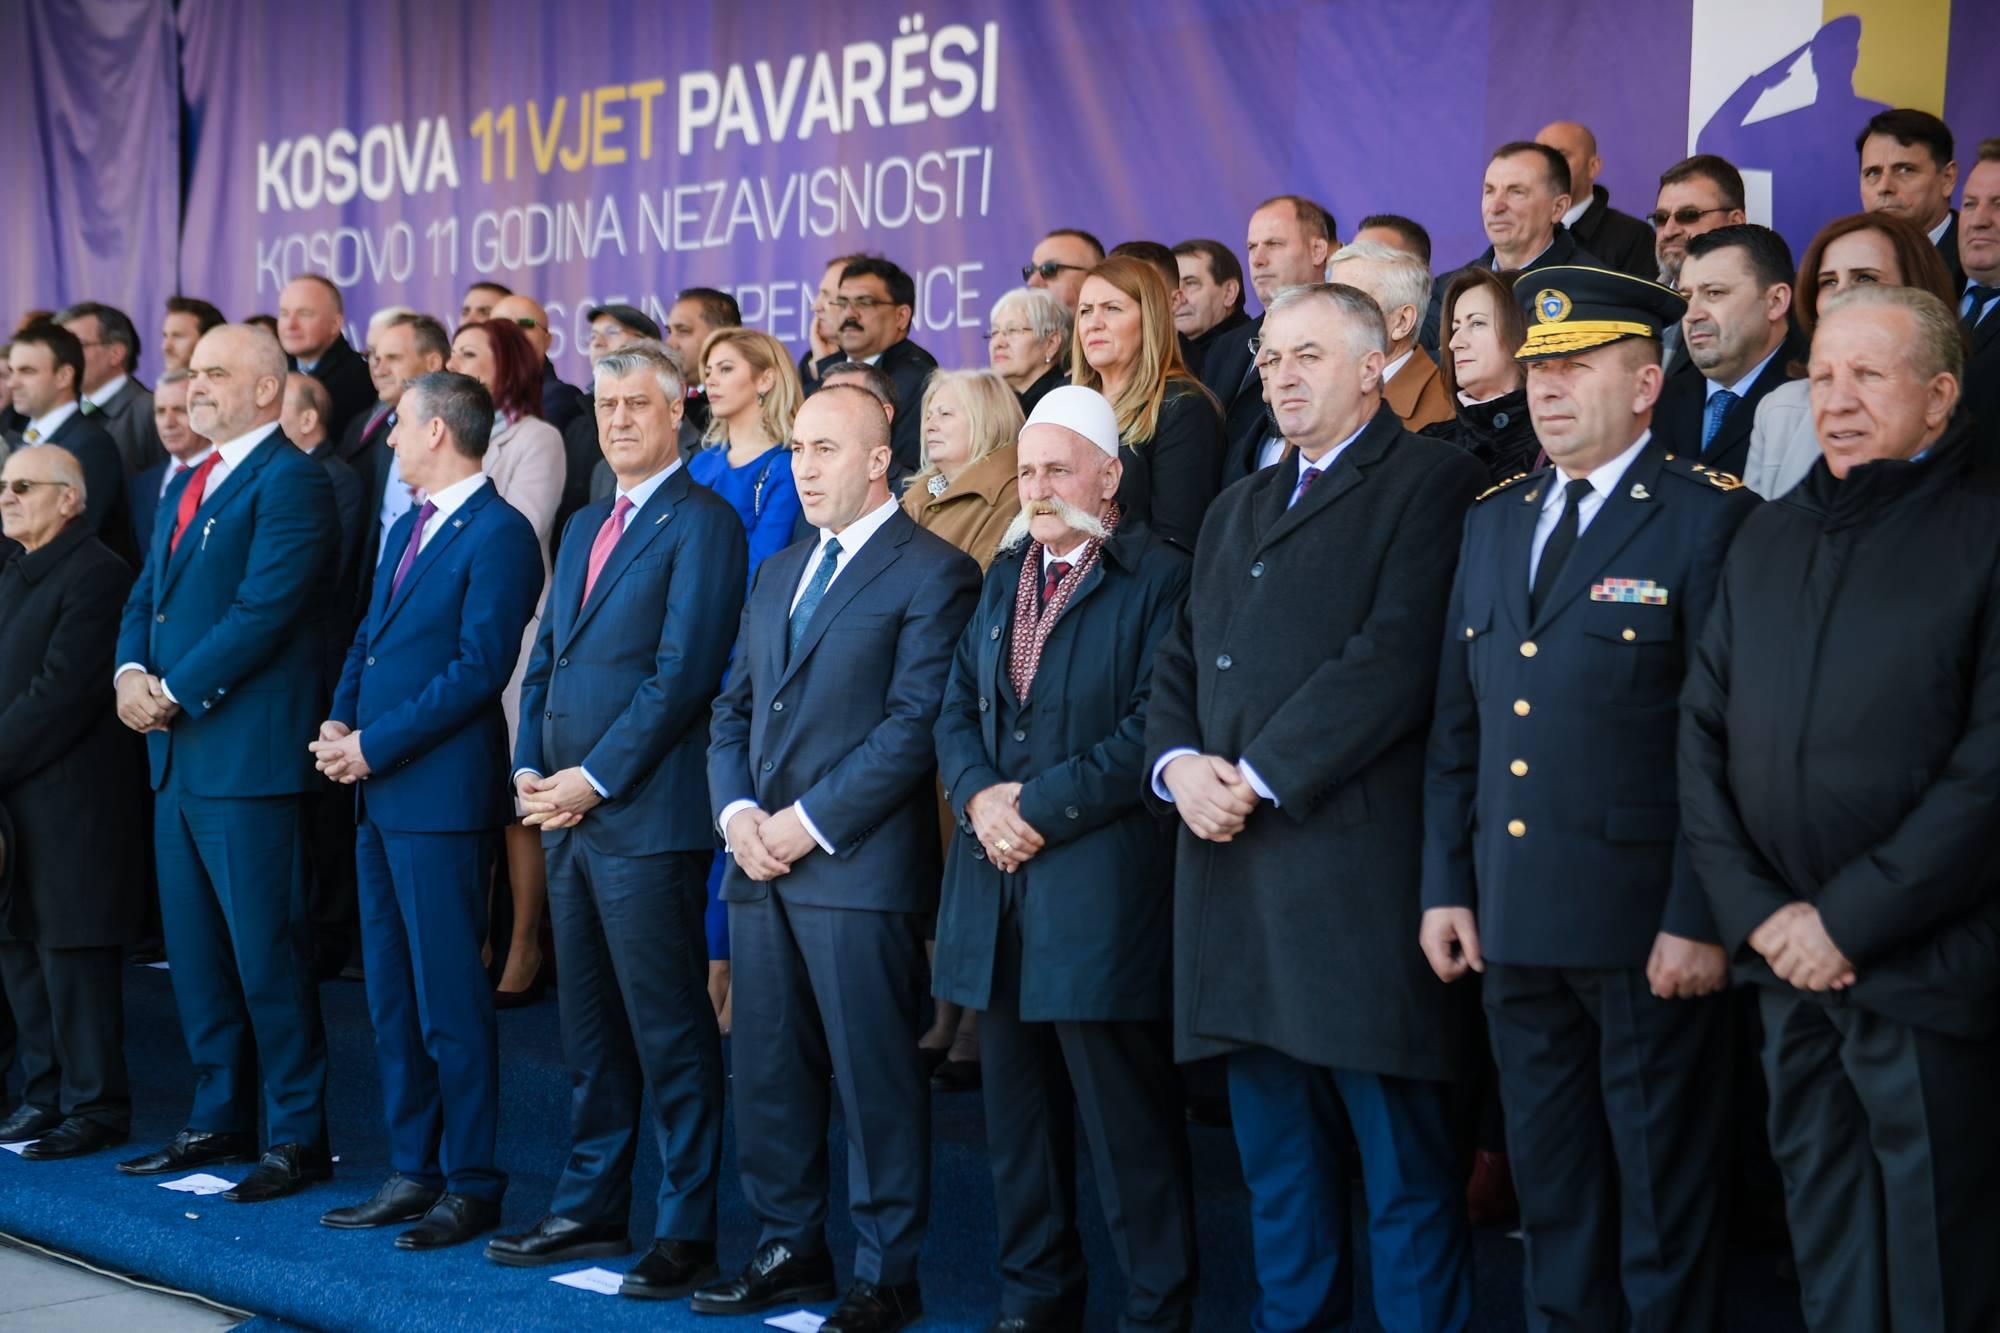 Το Κόσοβο γιορτάζει την 11η επέτειο της ανεξαρτησίας του εν μέσω συζητήσεων σχετικά με πιθανή συμφωνία με τη Σερβία